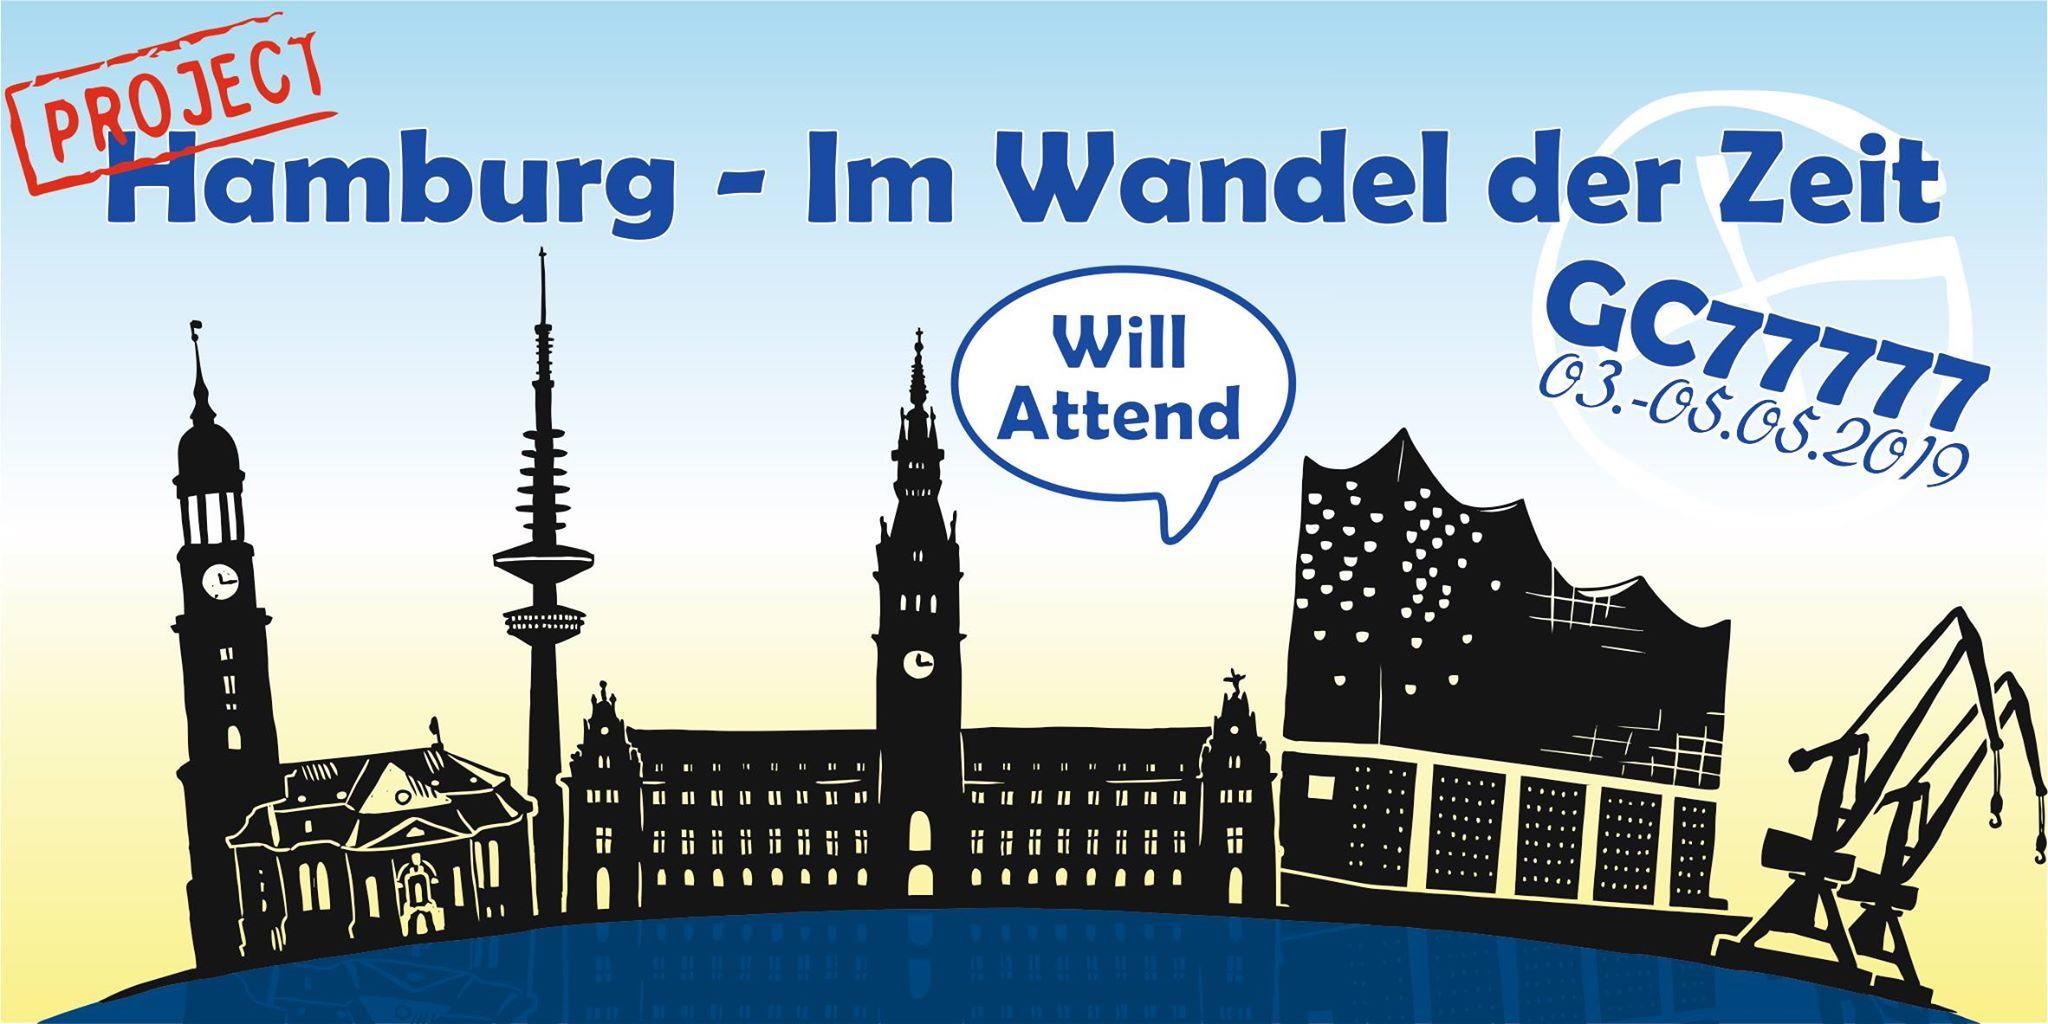 Hamburg im Wandel der Zeit